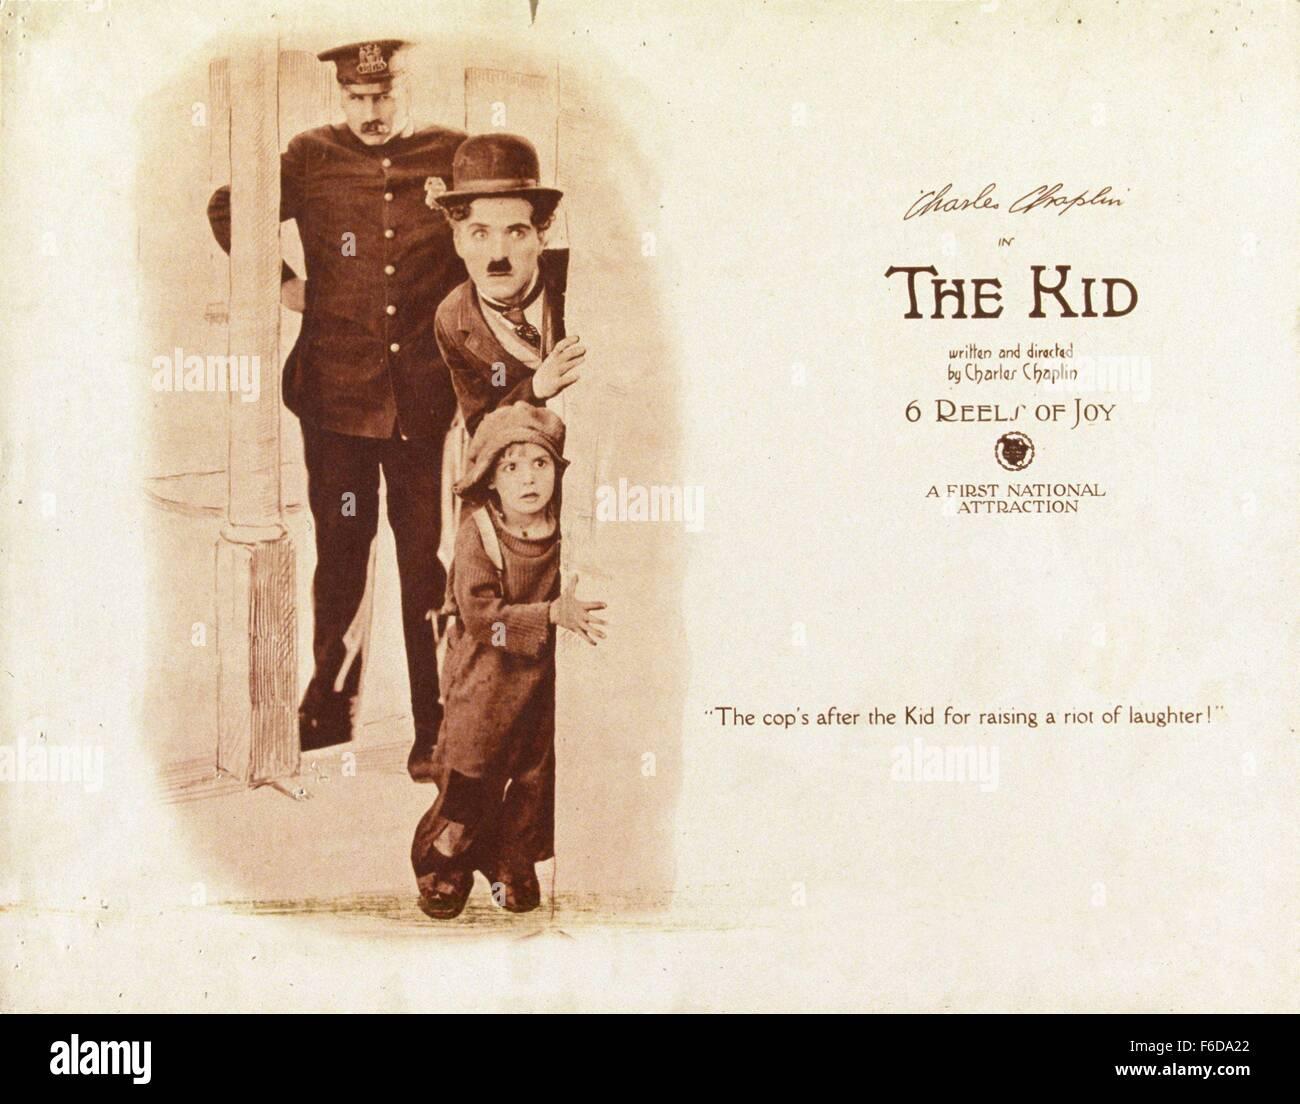 The Kid 1921 Charlie Chaplin Stock Photos & The Kid 1921